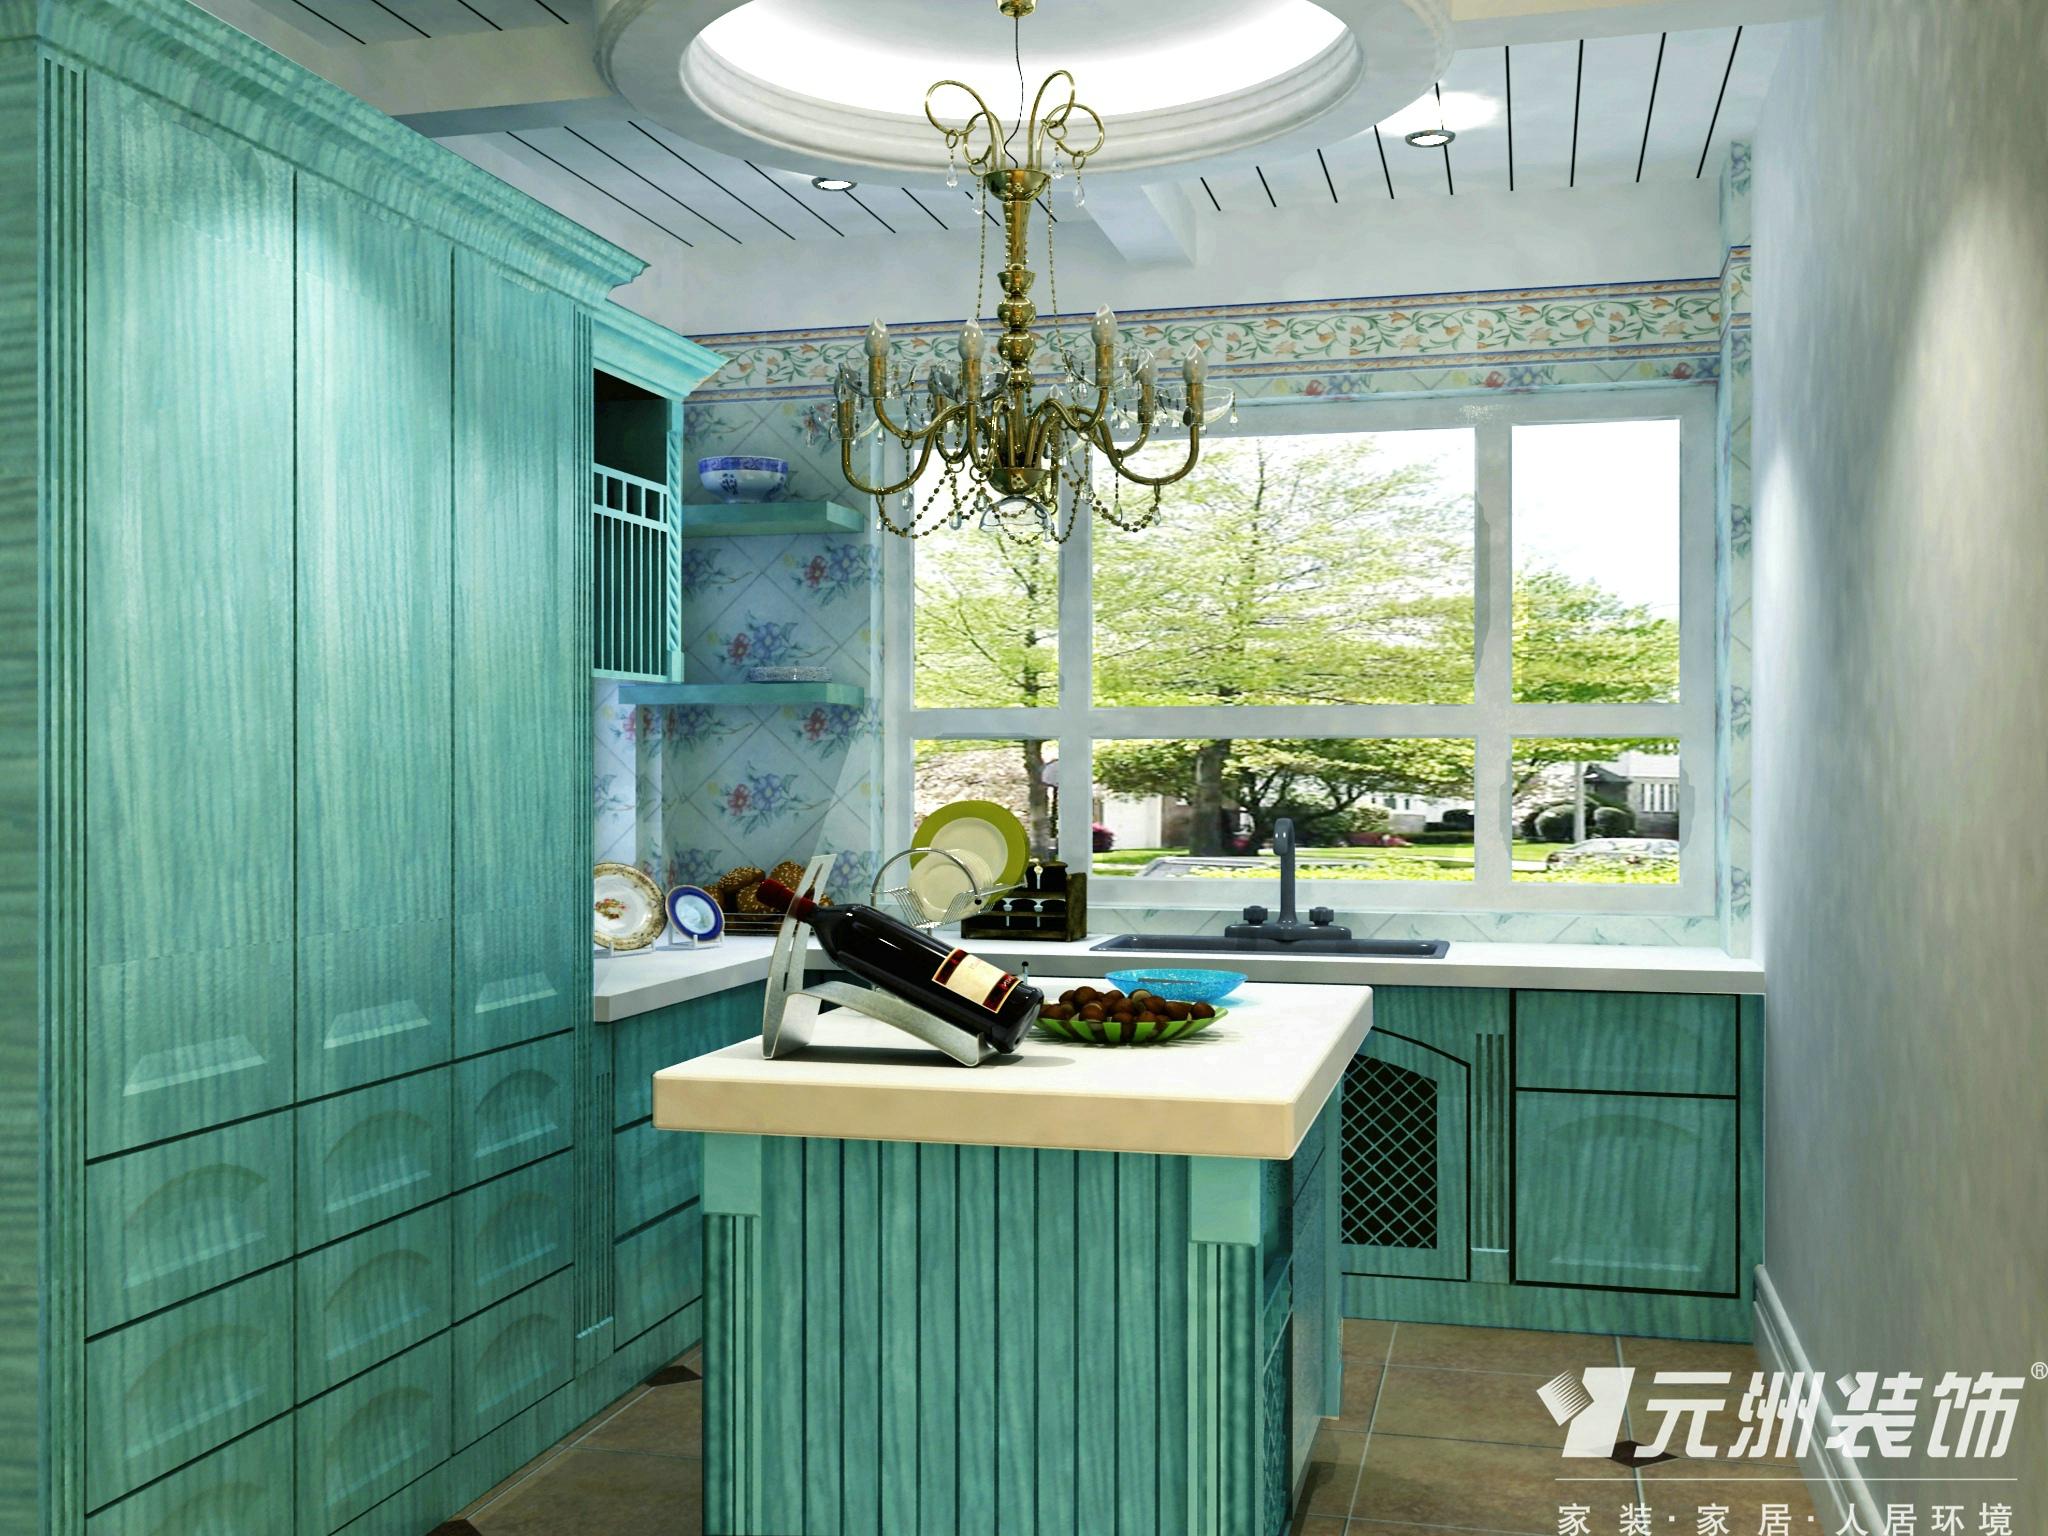 田园 元洲装饰 别墅 厨房图片来自石家庄-小程在原河名墅田园风格效果图的分享